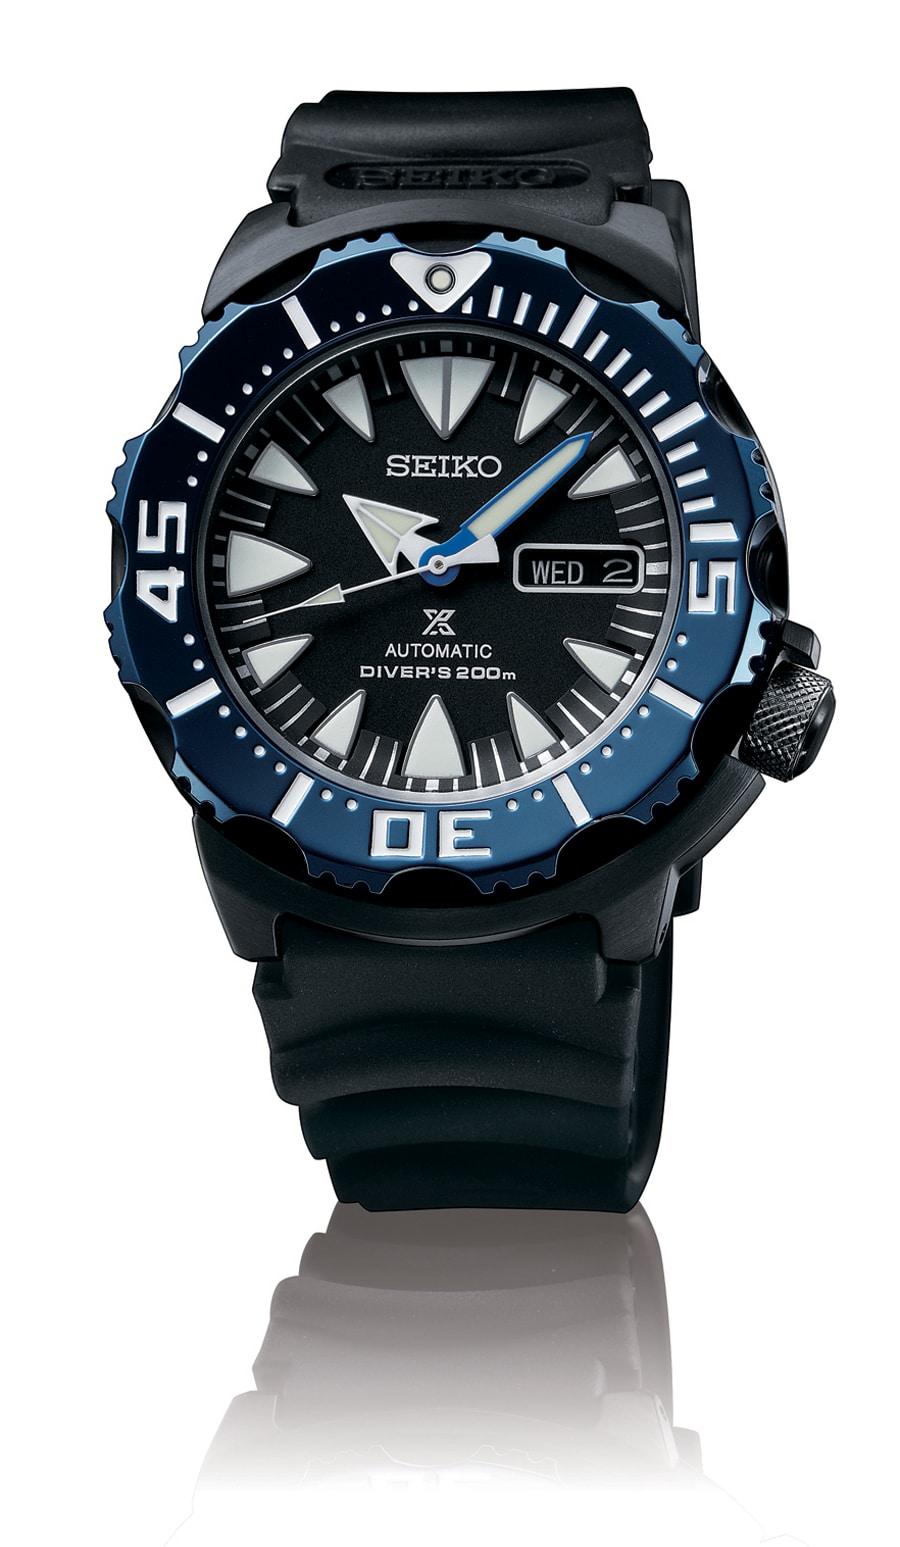 Die neue Seiko Prospex Automatik Diver`s SRP581P1 mit dem Kaliber 4R36  bietet eine Gangreserve von 41 Stunden und einen Sekundenstopp.